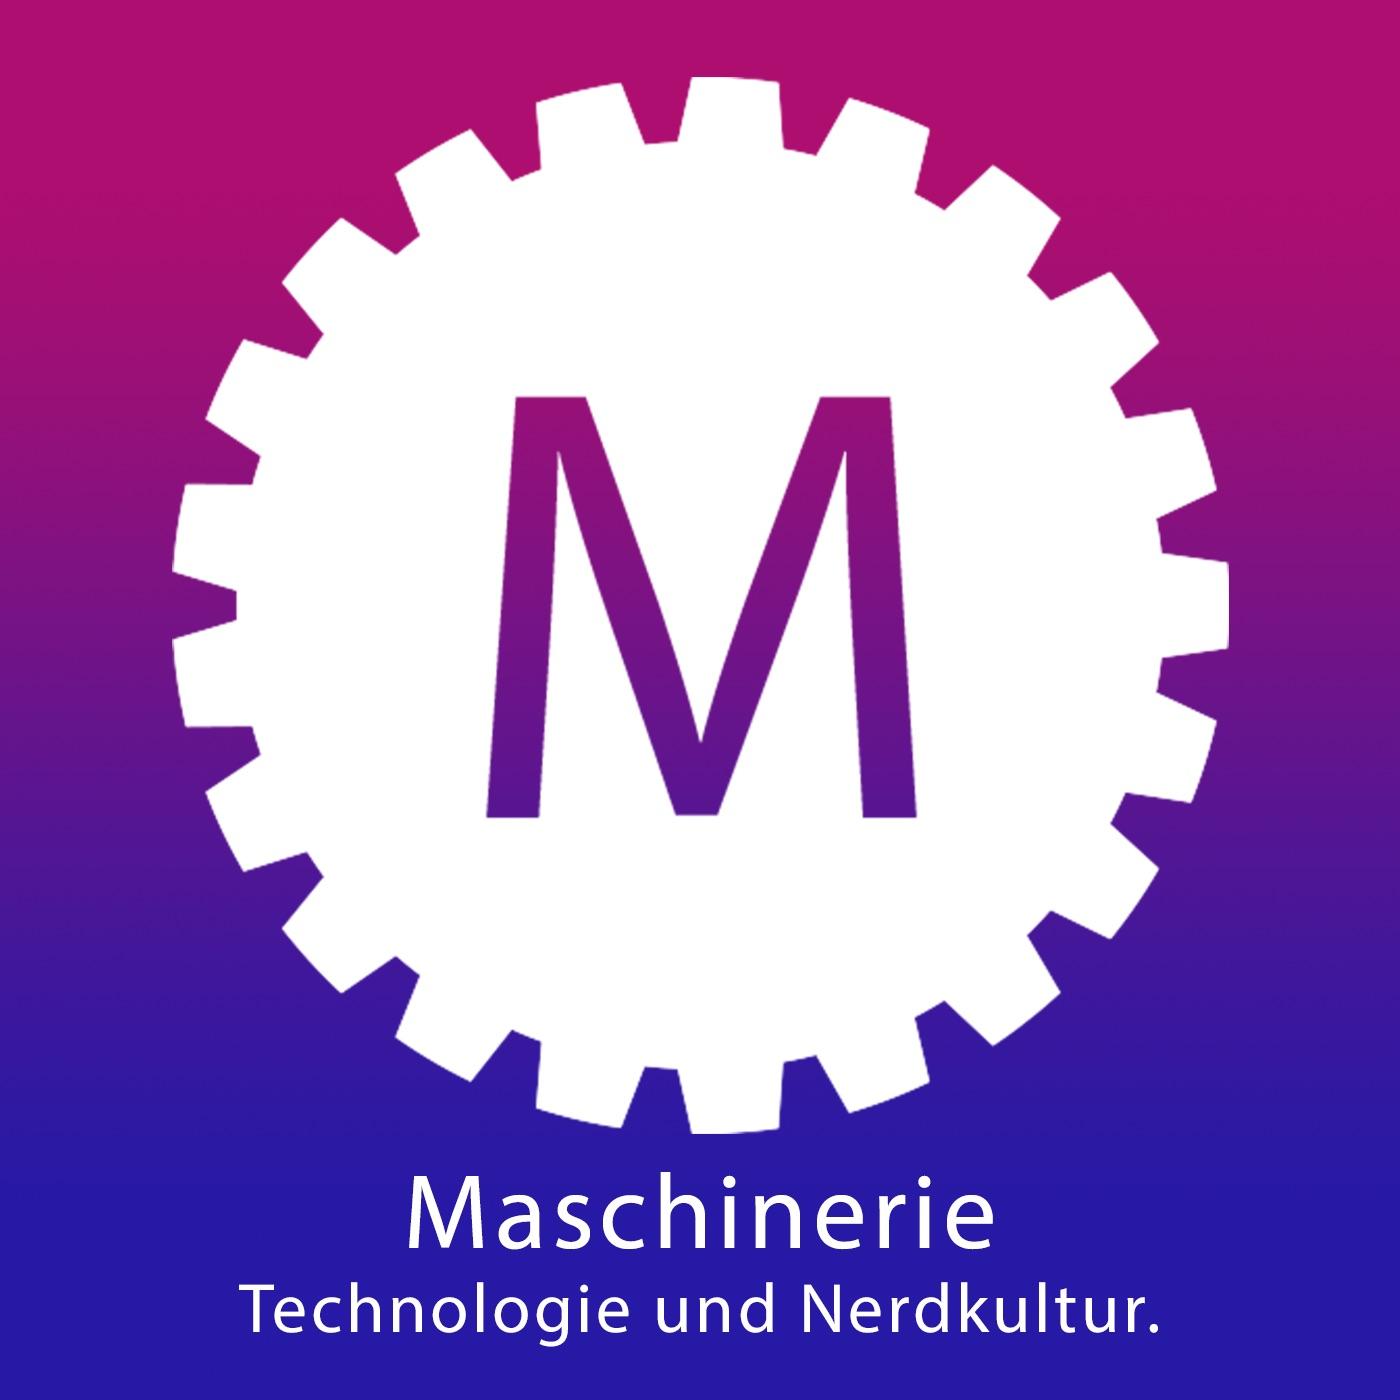 Maschinerie